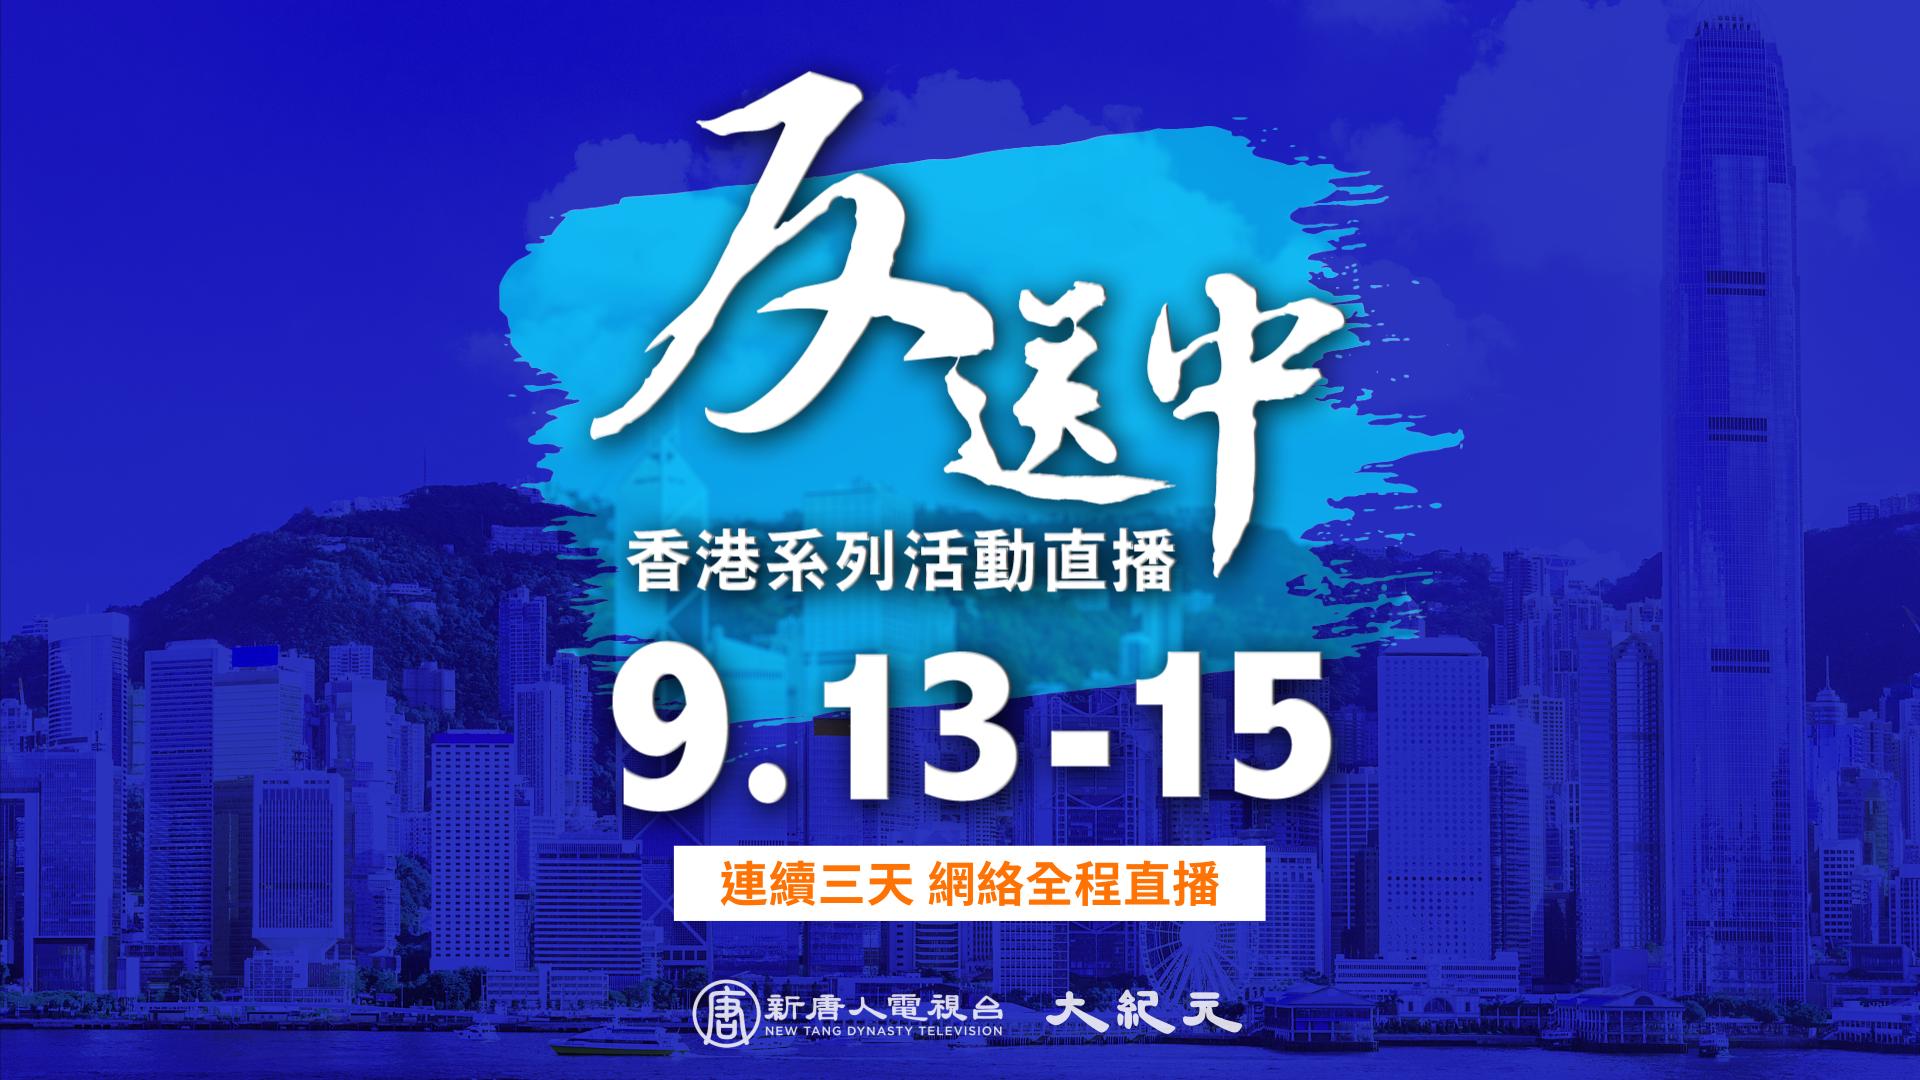 本周末9月13日至15日,港人再次發起多個大型示威抗議活動,提出「五大訴求,缺一不可」。(大紀元)